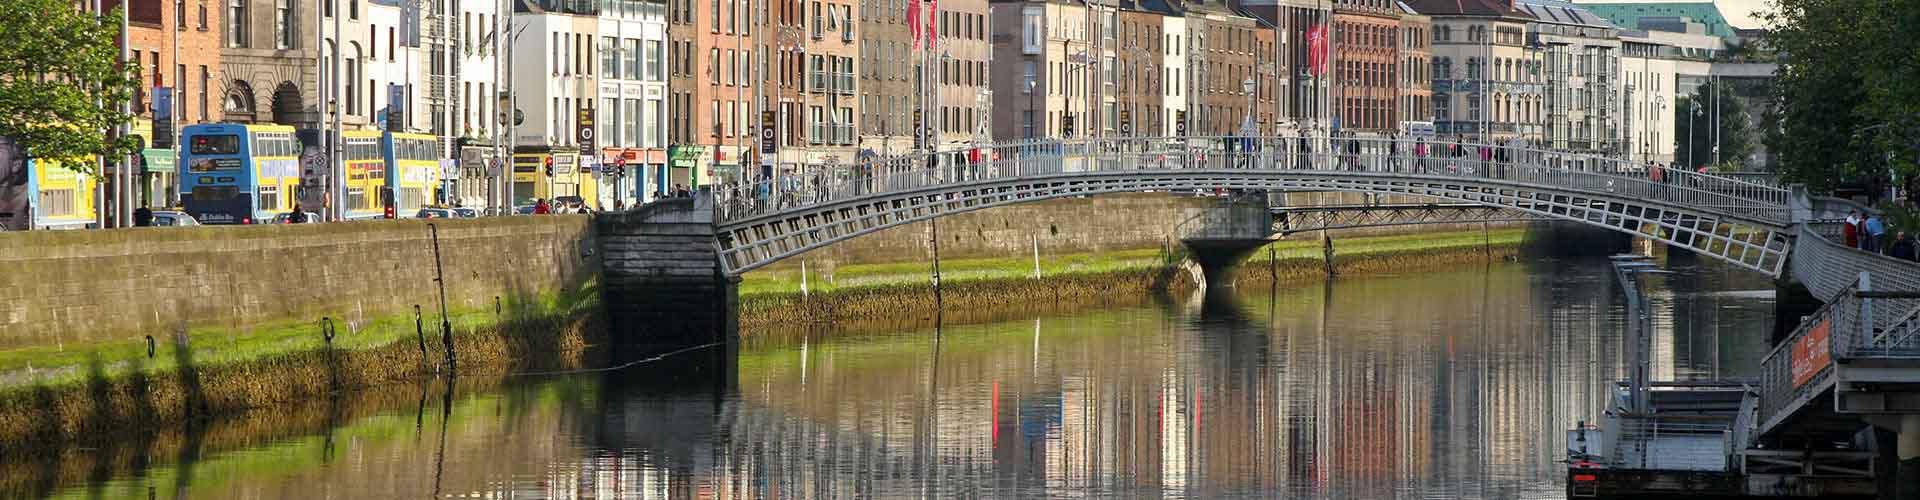 Dublin – Hostellit kaupungiosassa Kaupungin keskusta. Dublin -karttoja, valokuvia ja arvosteluja kaikista Dublin -hostelleista.